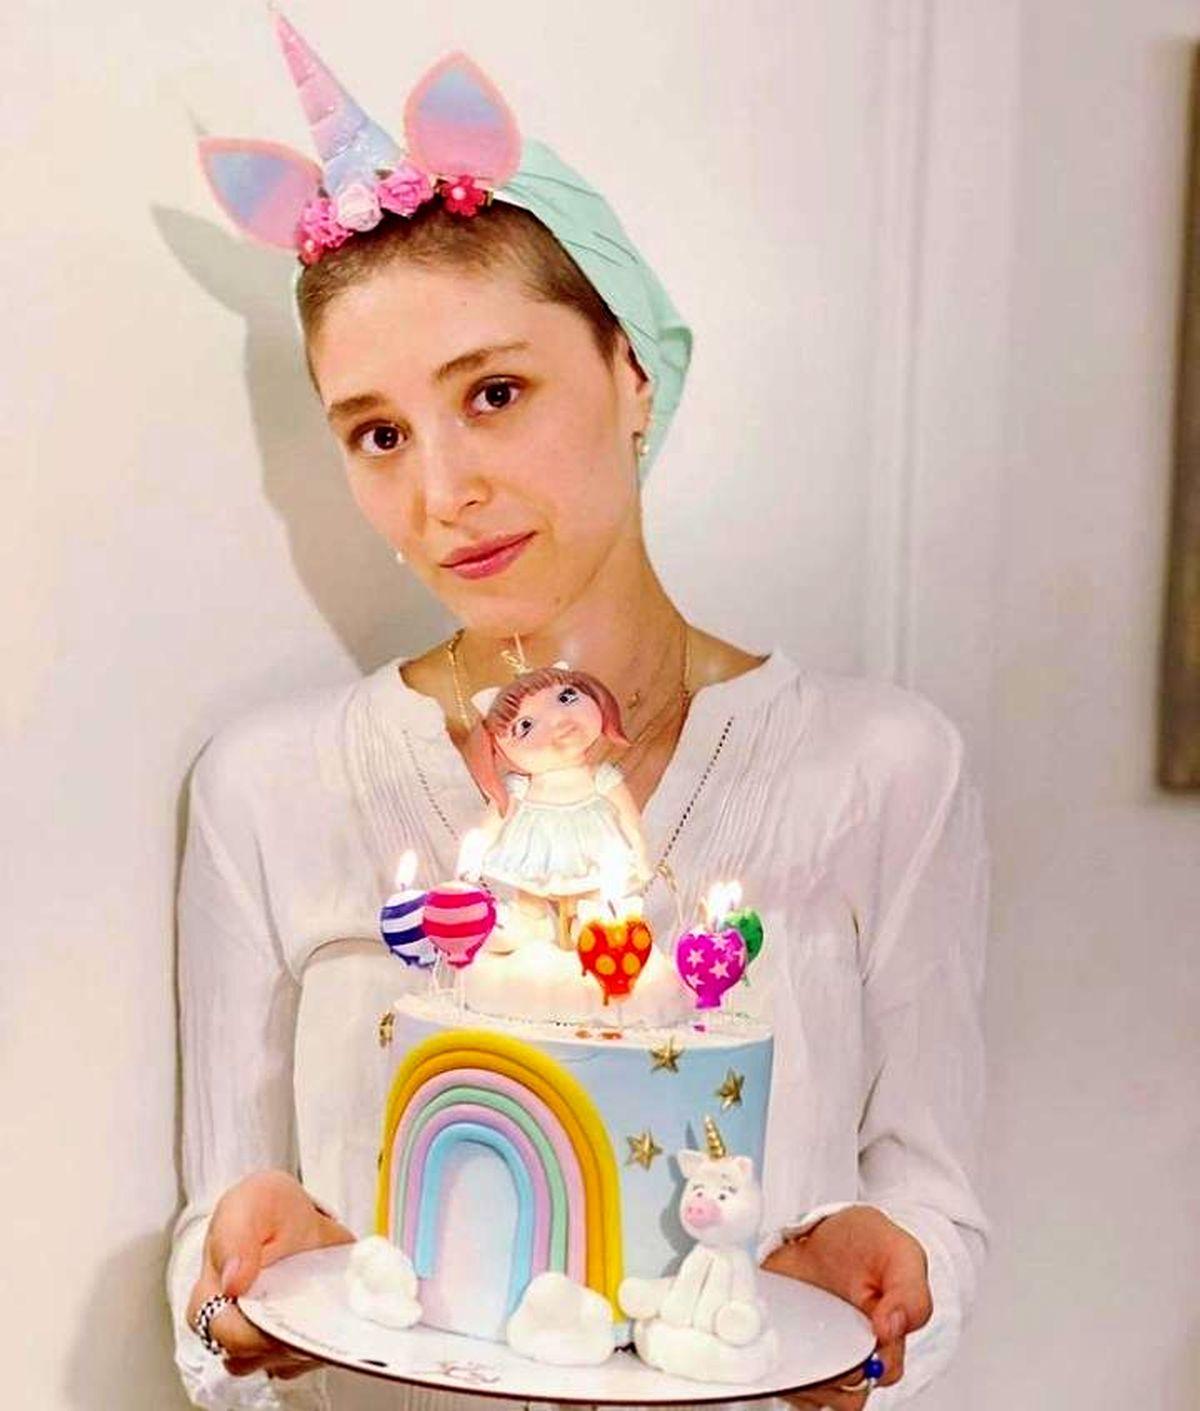 استایل رنگی فرشته حسینی در تولدش + عکس